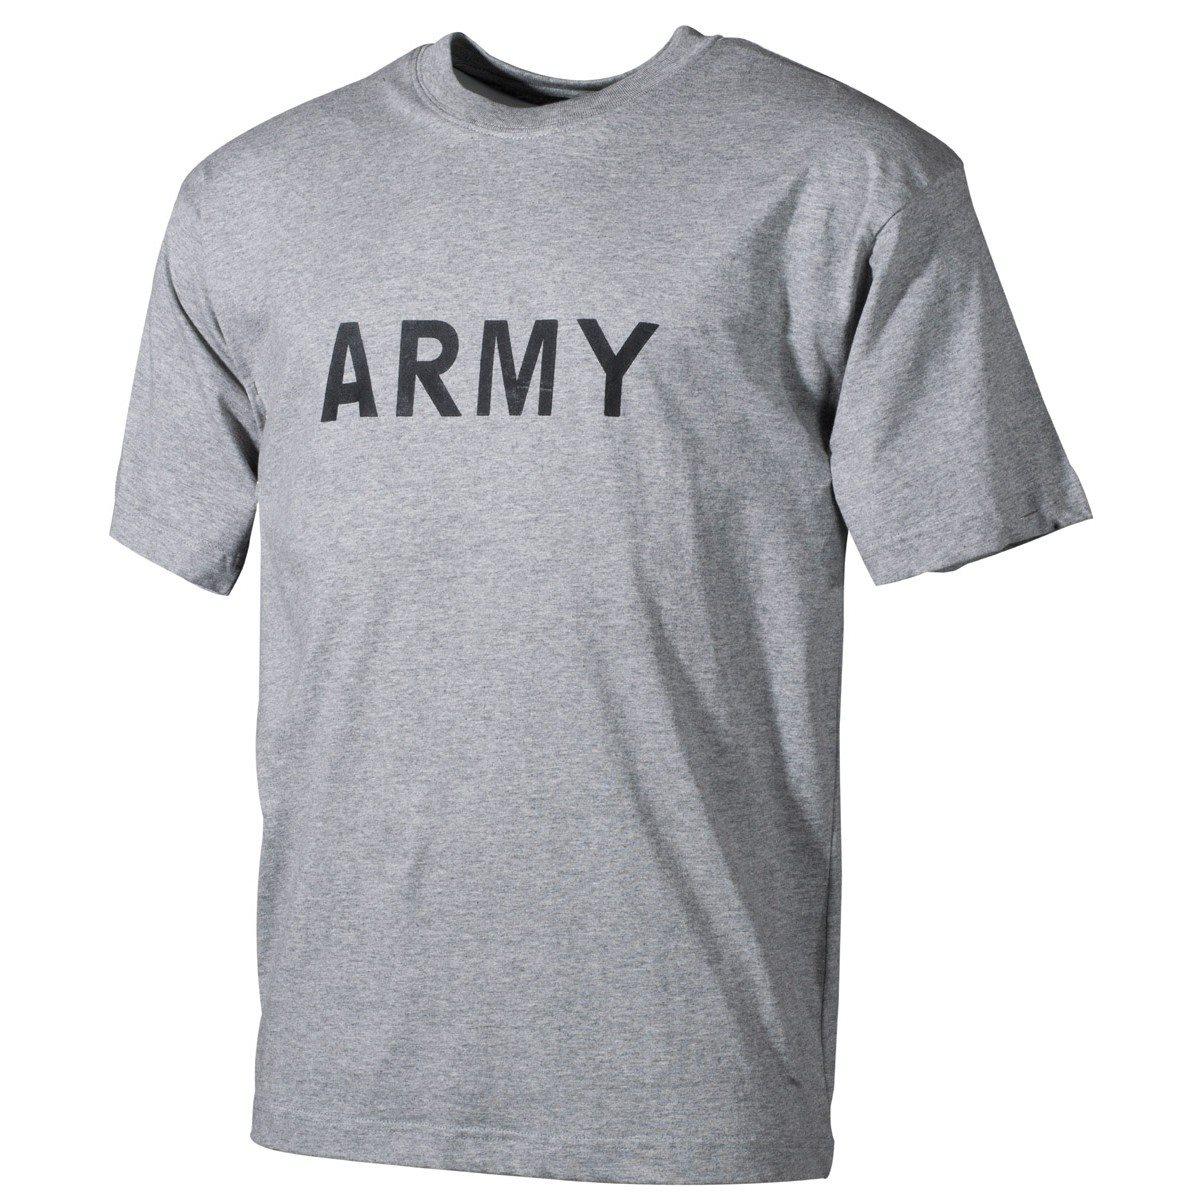 U.S. ARMY T-shirt GREY MFH int. comp. 00253M L-11